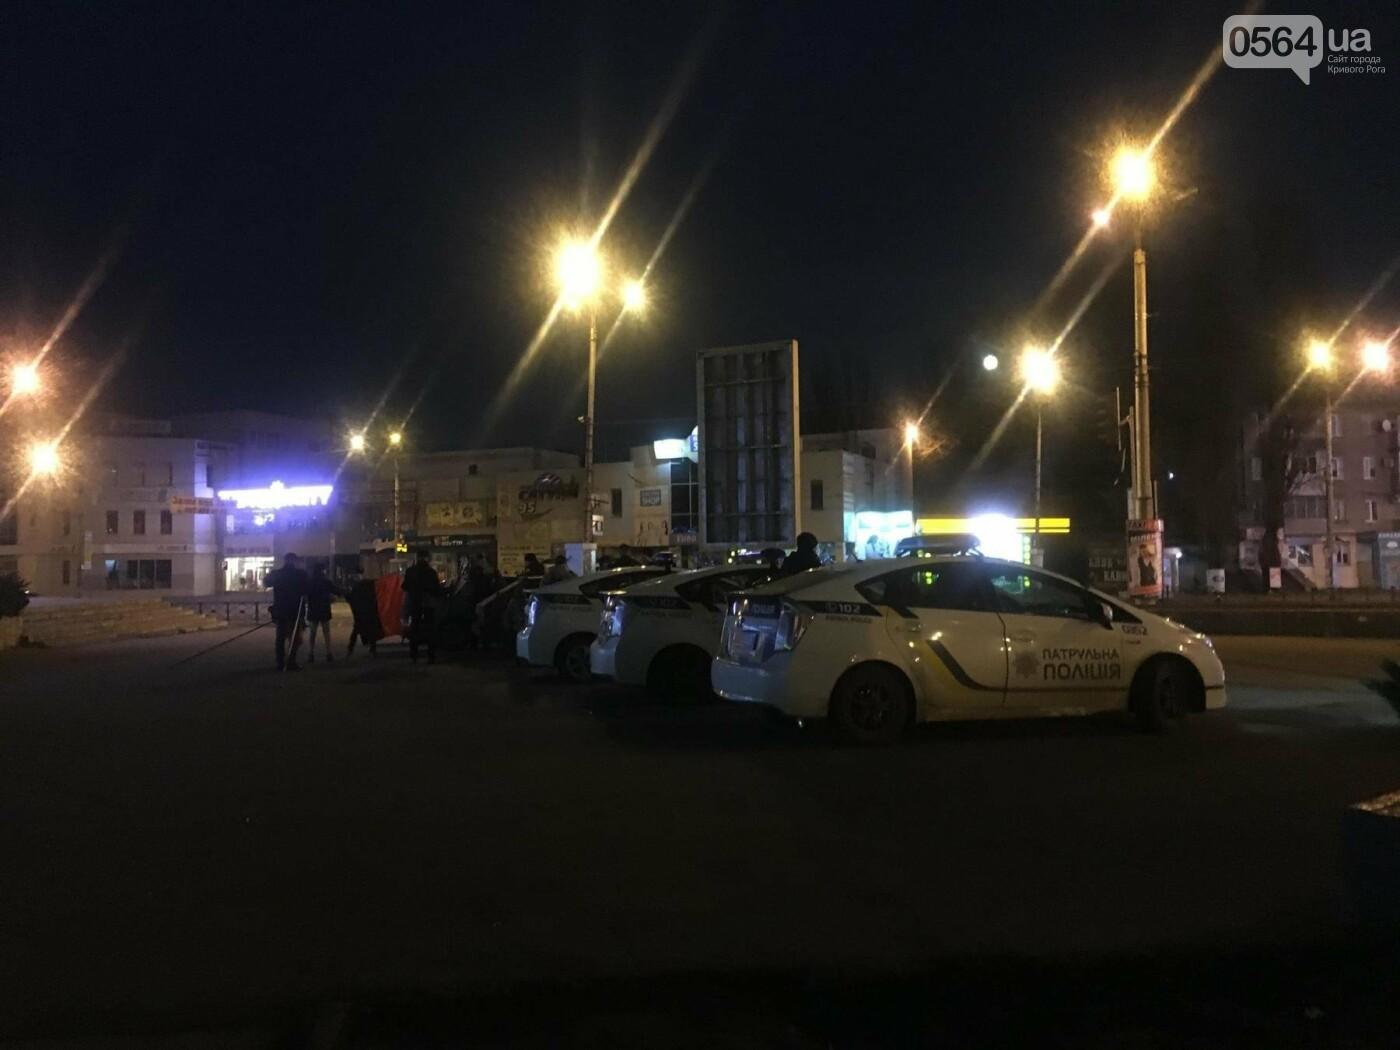 В Кривом Роге проходит Факельный марш в честь Дня рождения Степана Бандеры (ФОТО, ВИДЕО), фото-14